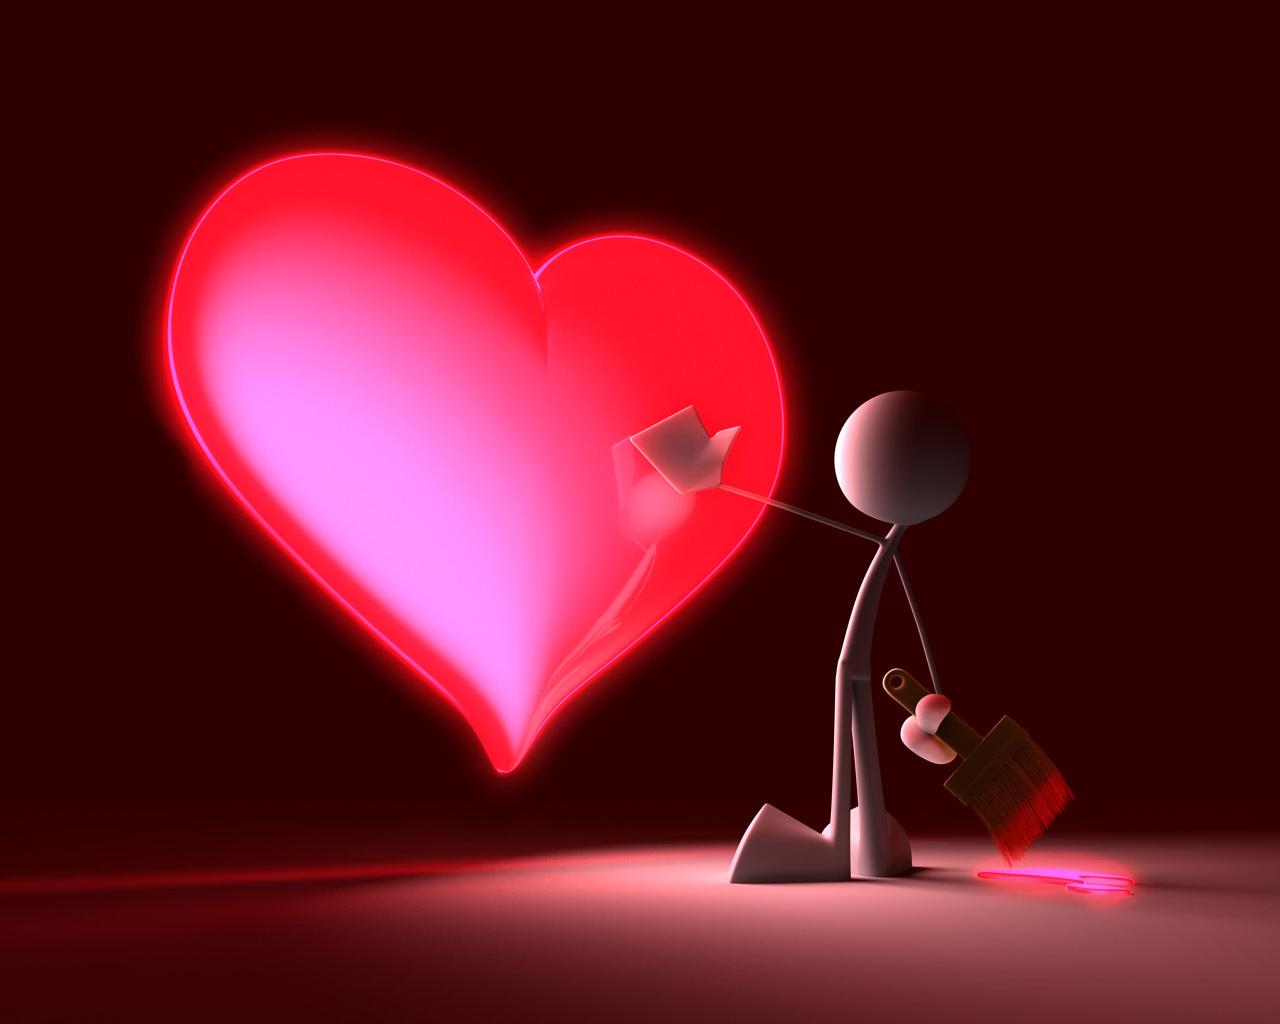 Imagem de fundo boneco ao lado de coração em tons vermelhos